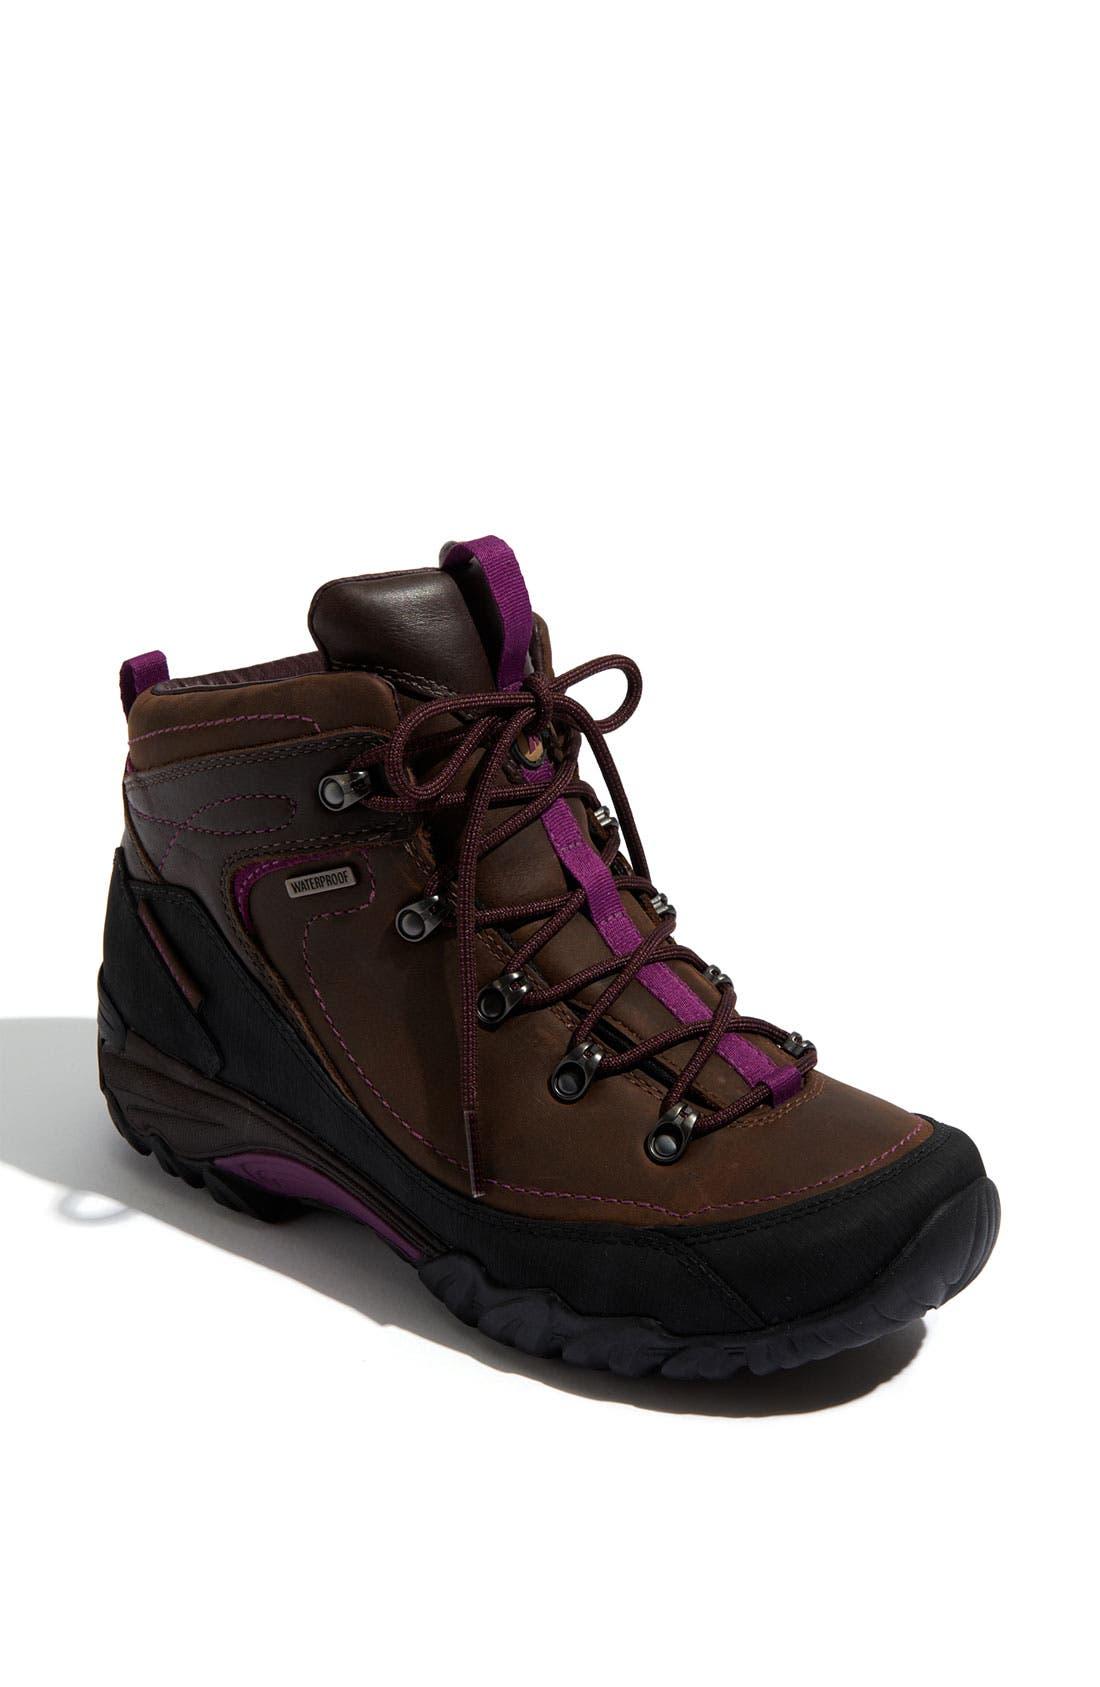 Alternate Image 1 Selected - Merrell 'Chameleon' Trail Shoe (Women)